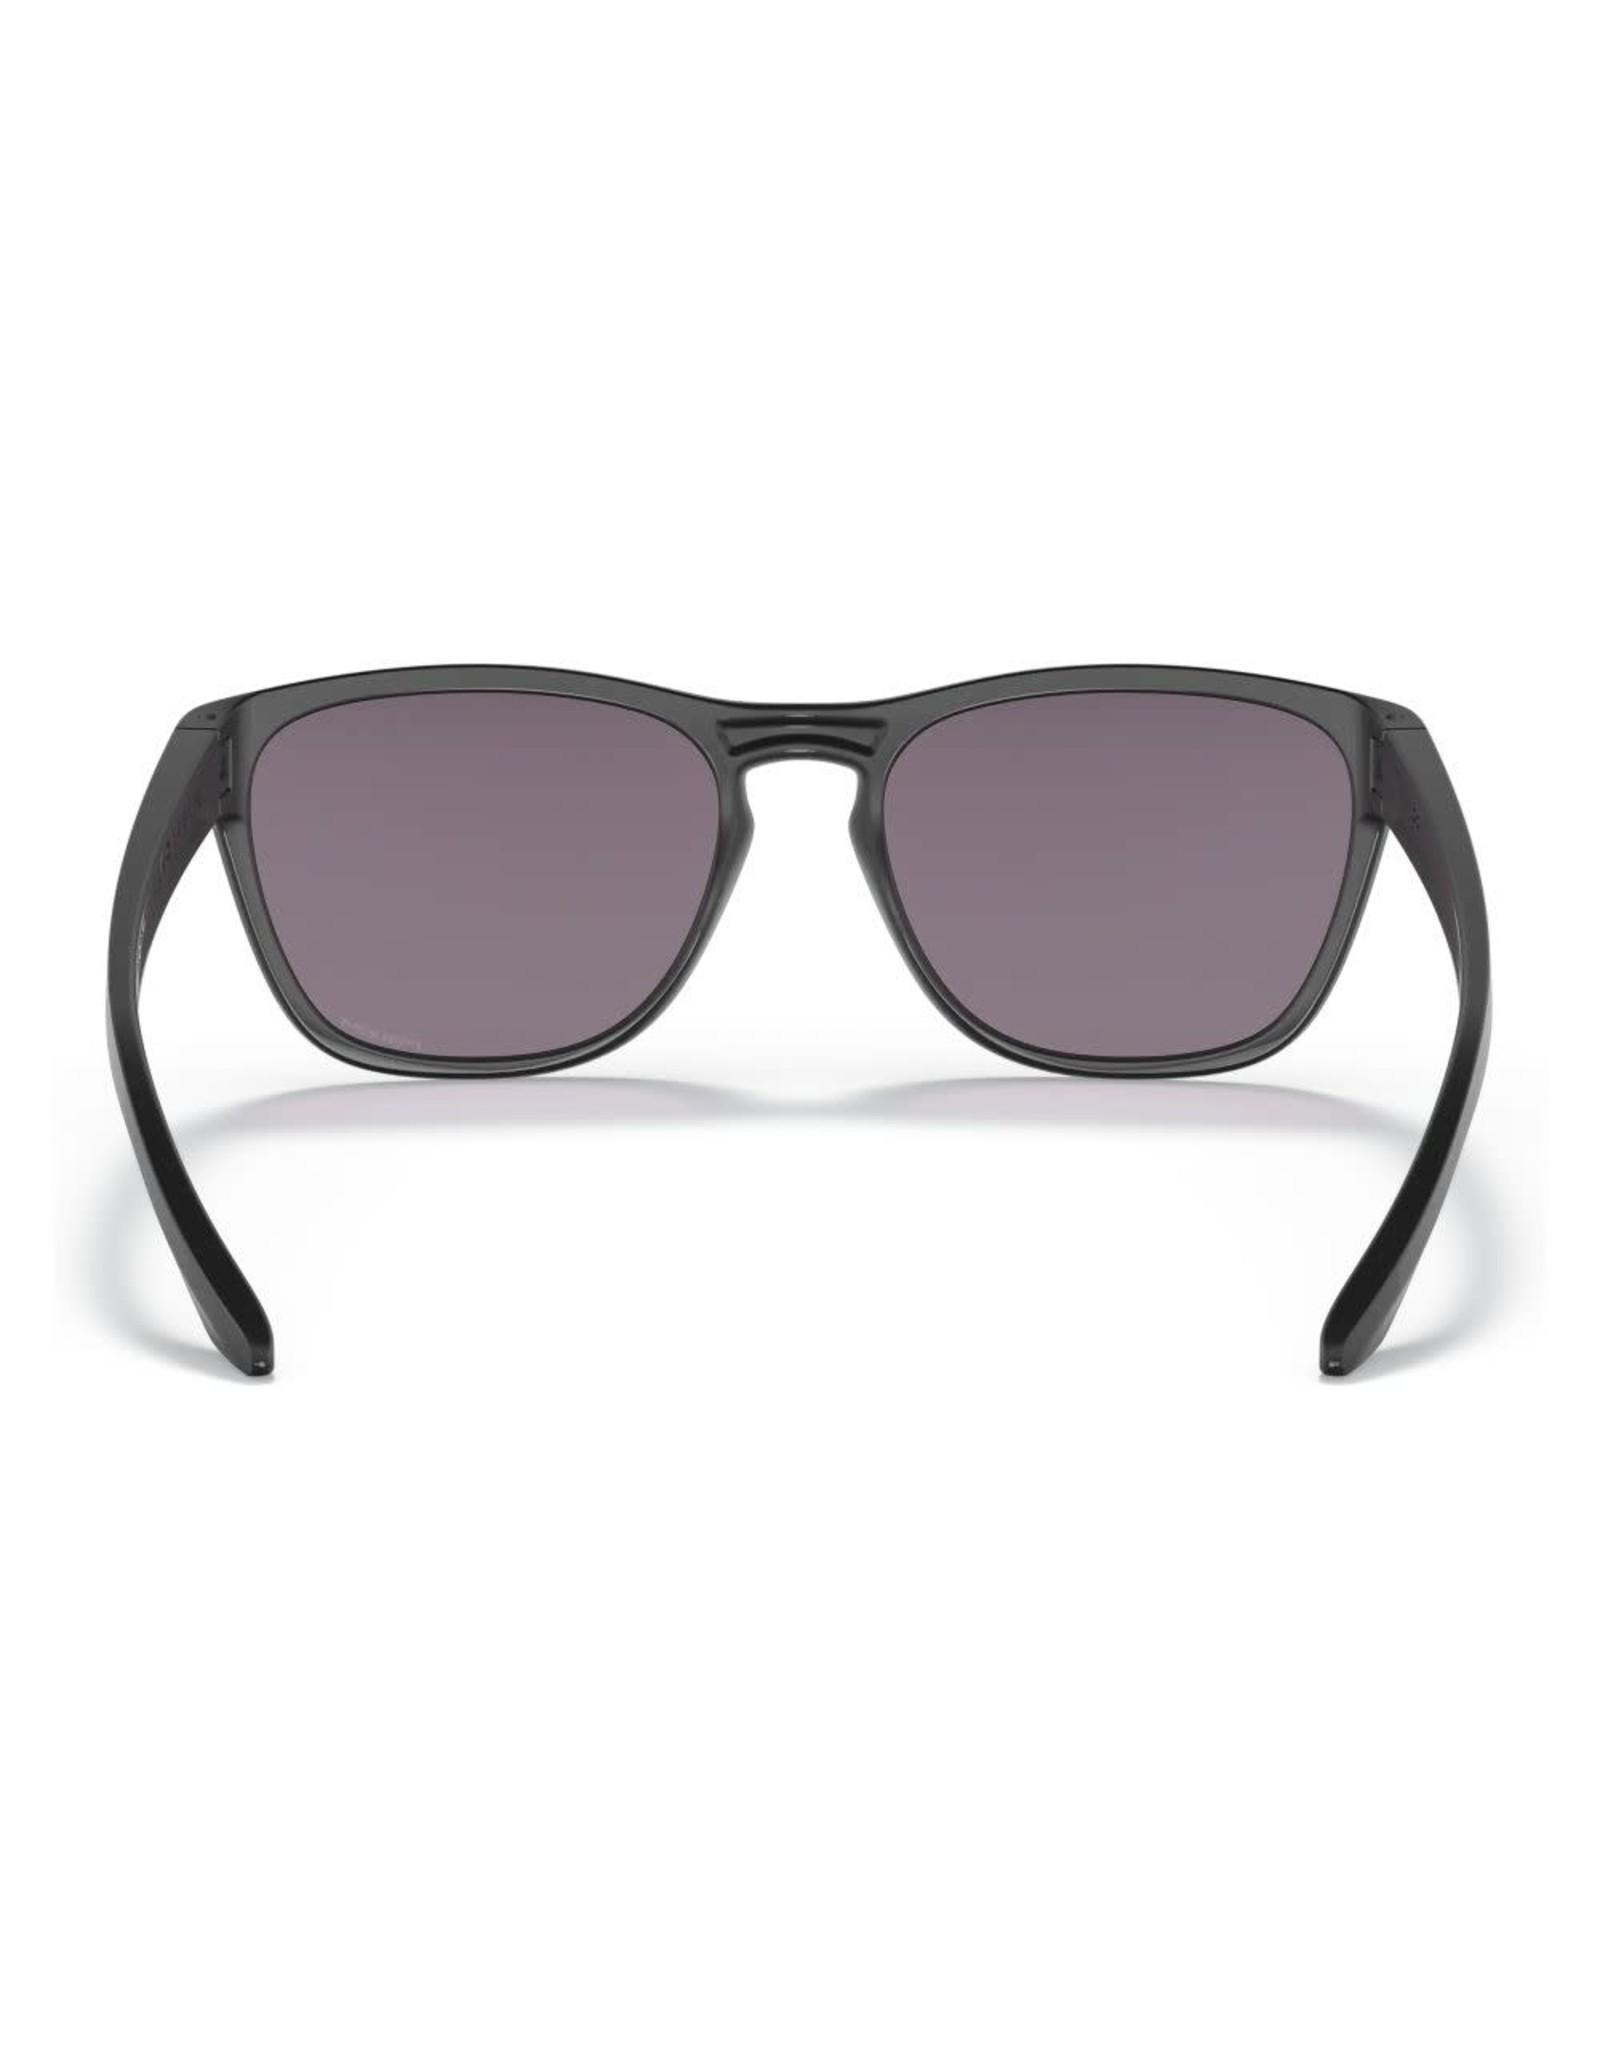 OAKLEY Oakley Manorburn matte black prizm grey sunglasses